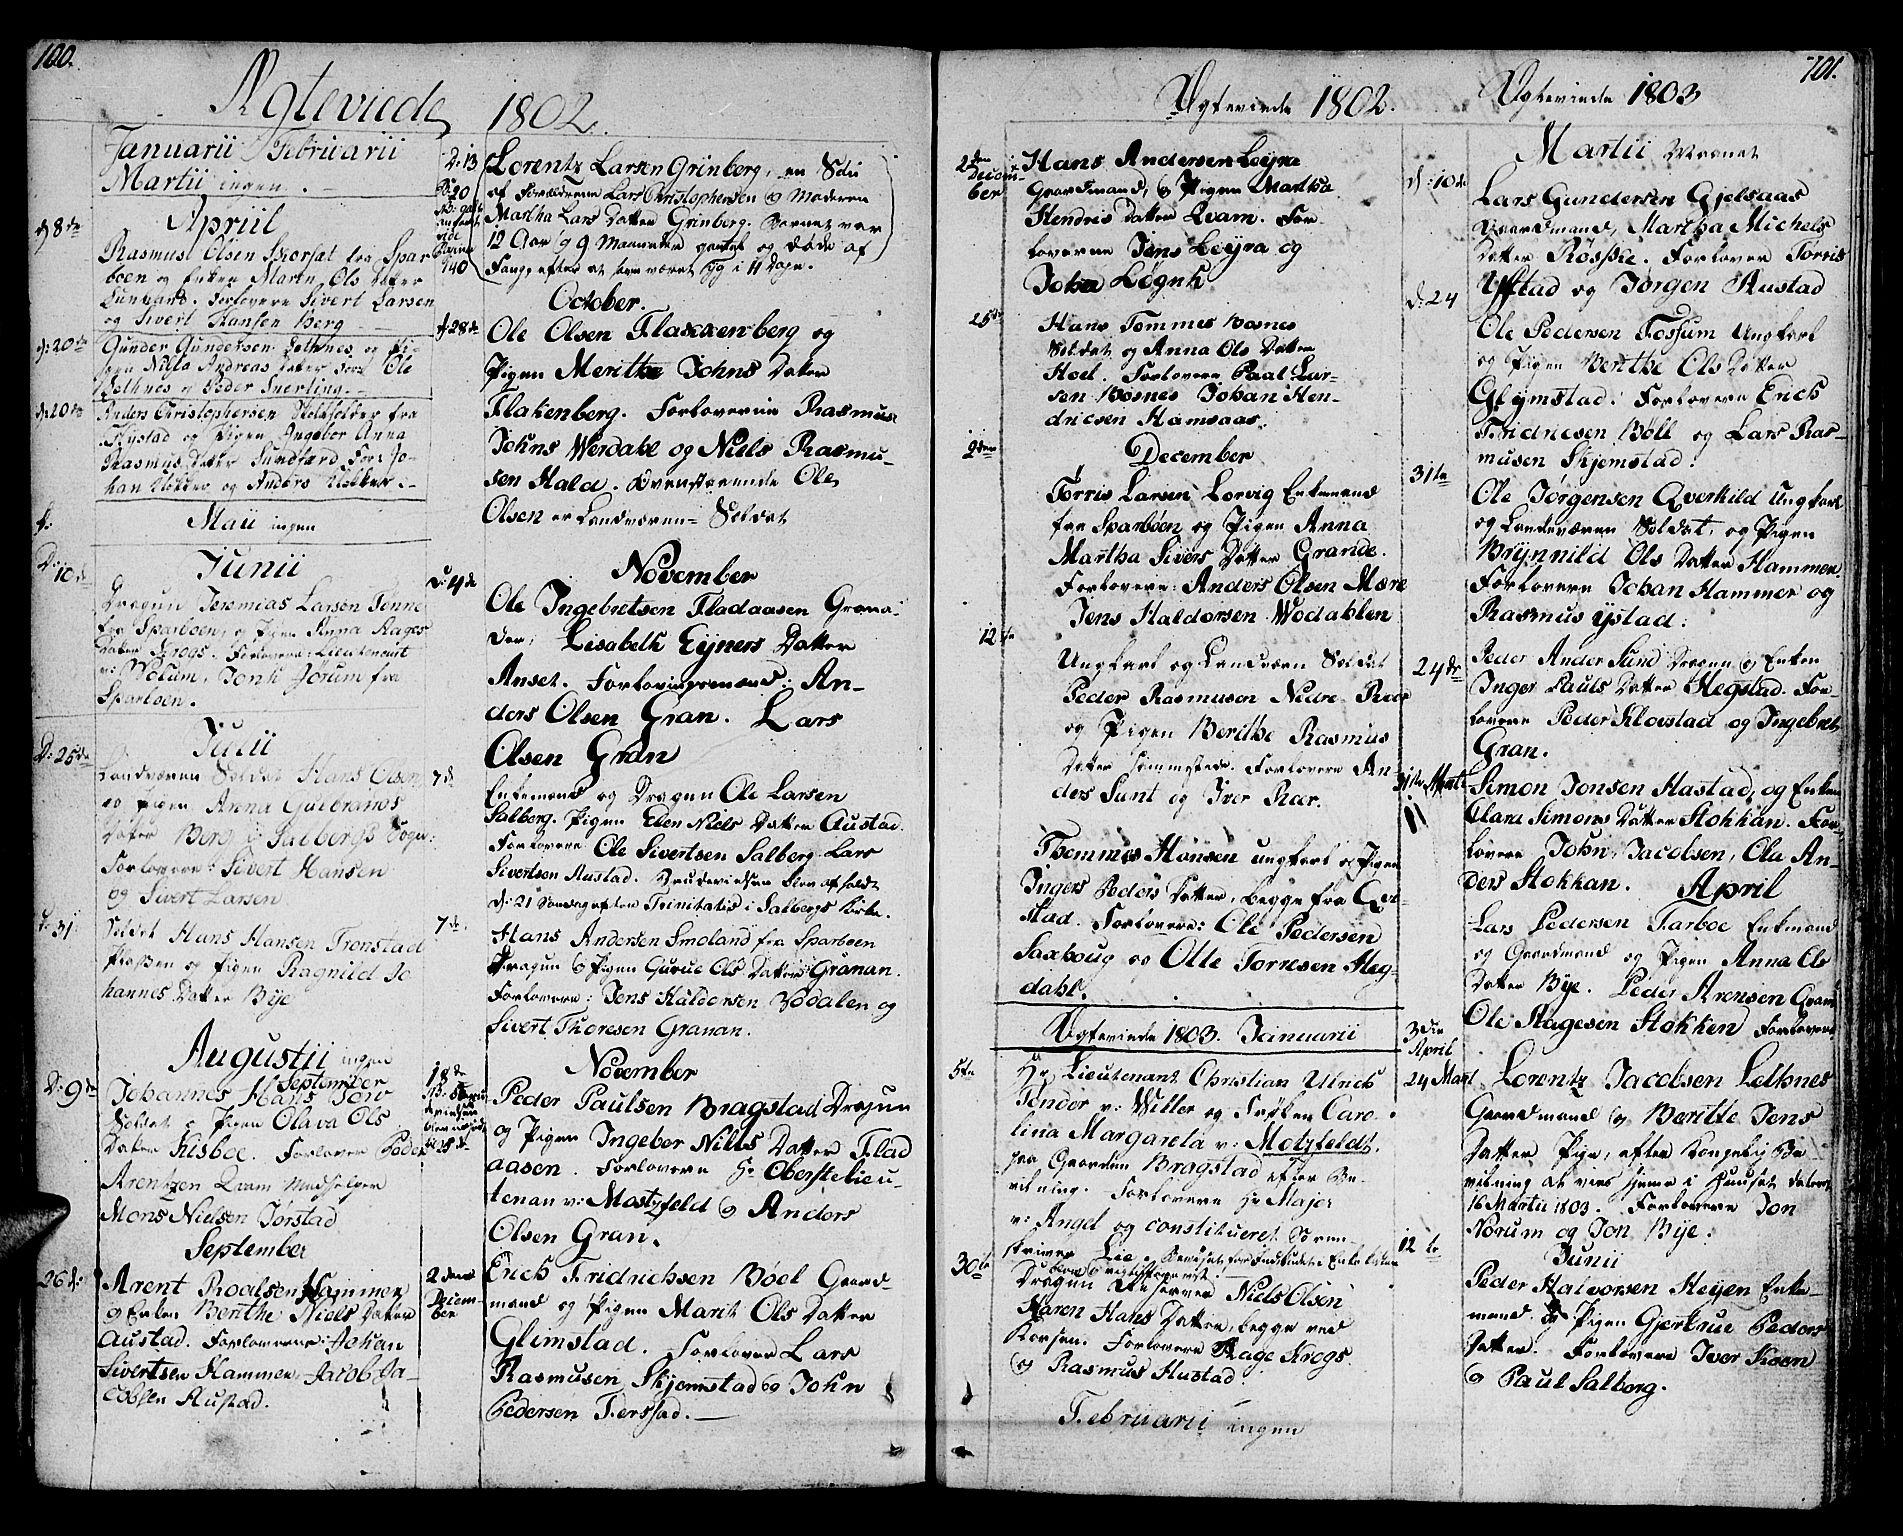 SAT, Ministerialprotokoller, klokkerbøker og fødselsregistre - Nord-Trøndelag, 730/L0274: Ministerialbok nr. 730A03, 1802-1816, s. 100-101